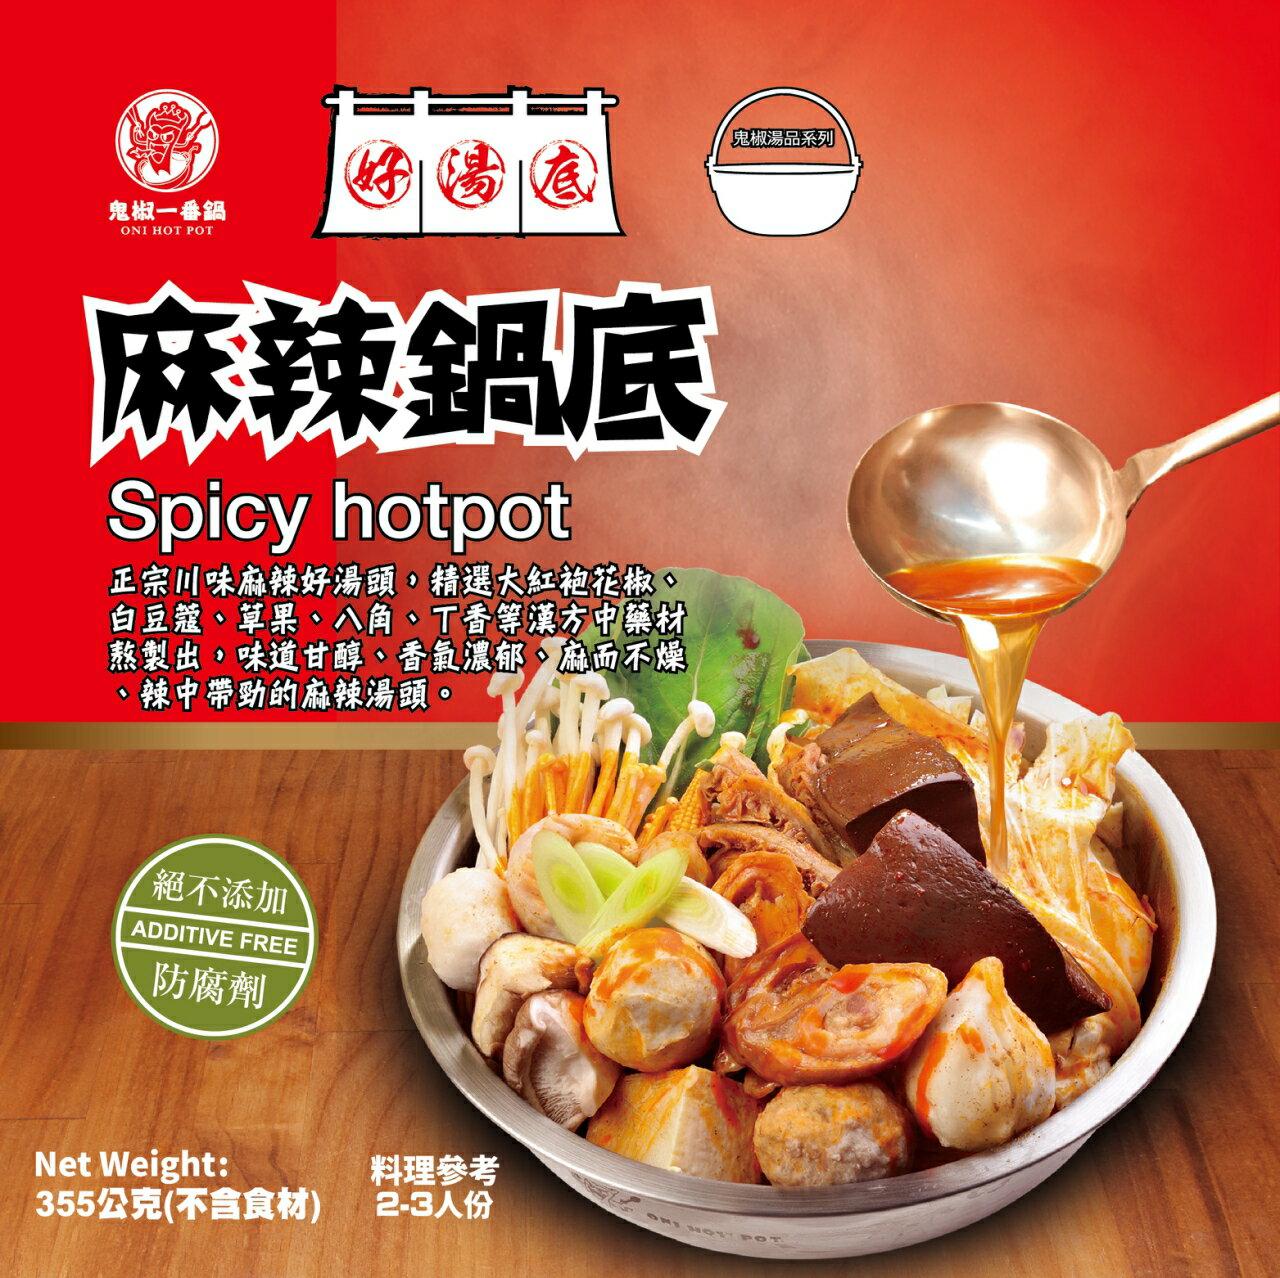 鬼椒麻辣拌麵(4袋共16包)+麻辣.酸辣.沙茶湯底各1包(免運費) 7